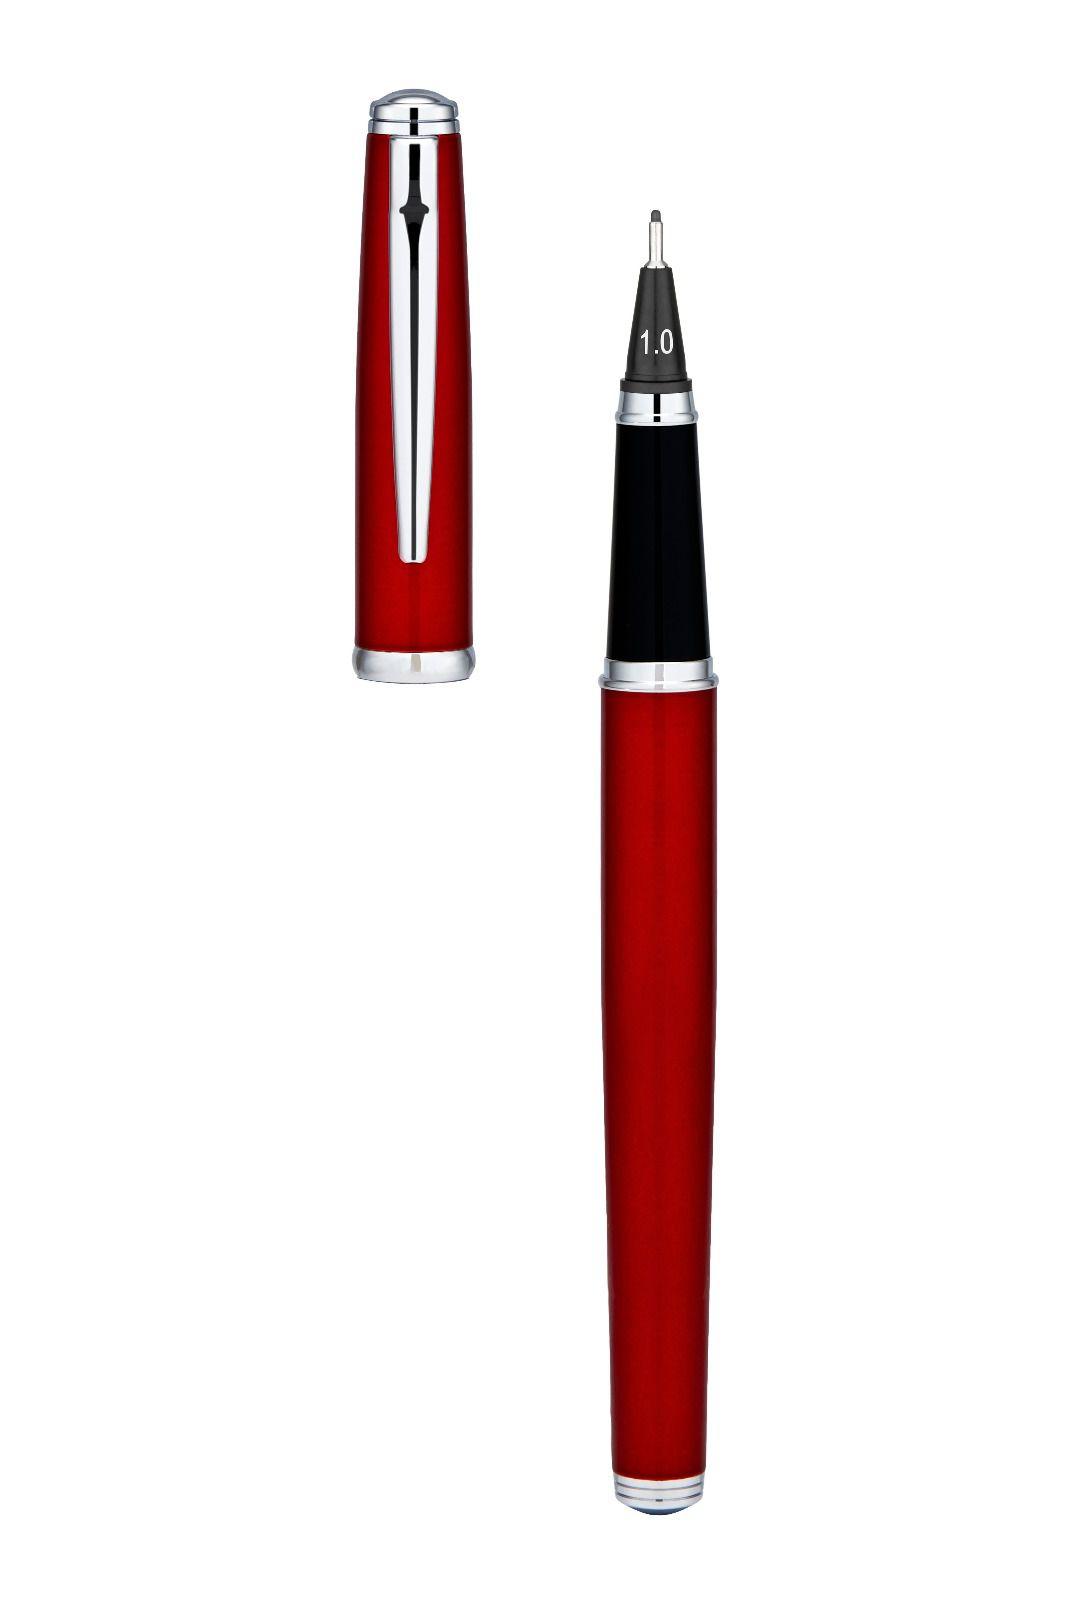 Yookers Fiberpen Corus Vermelha C/ Conversor De Tinta.